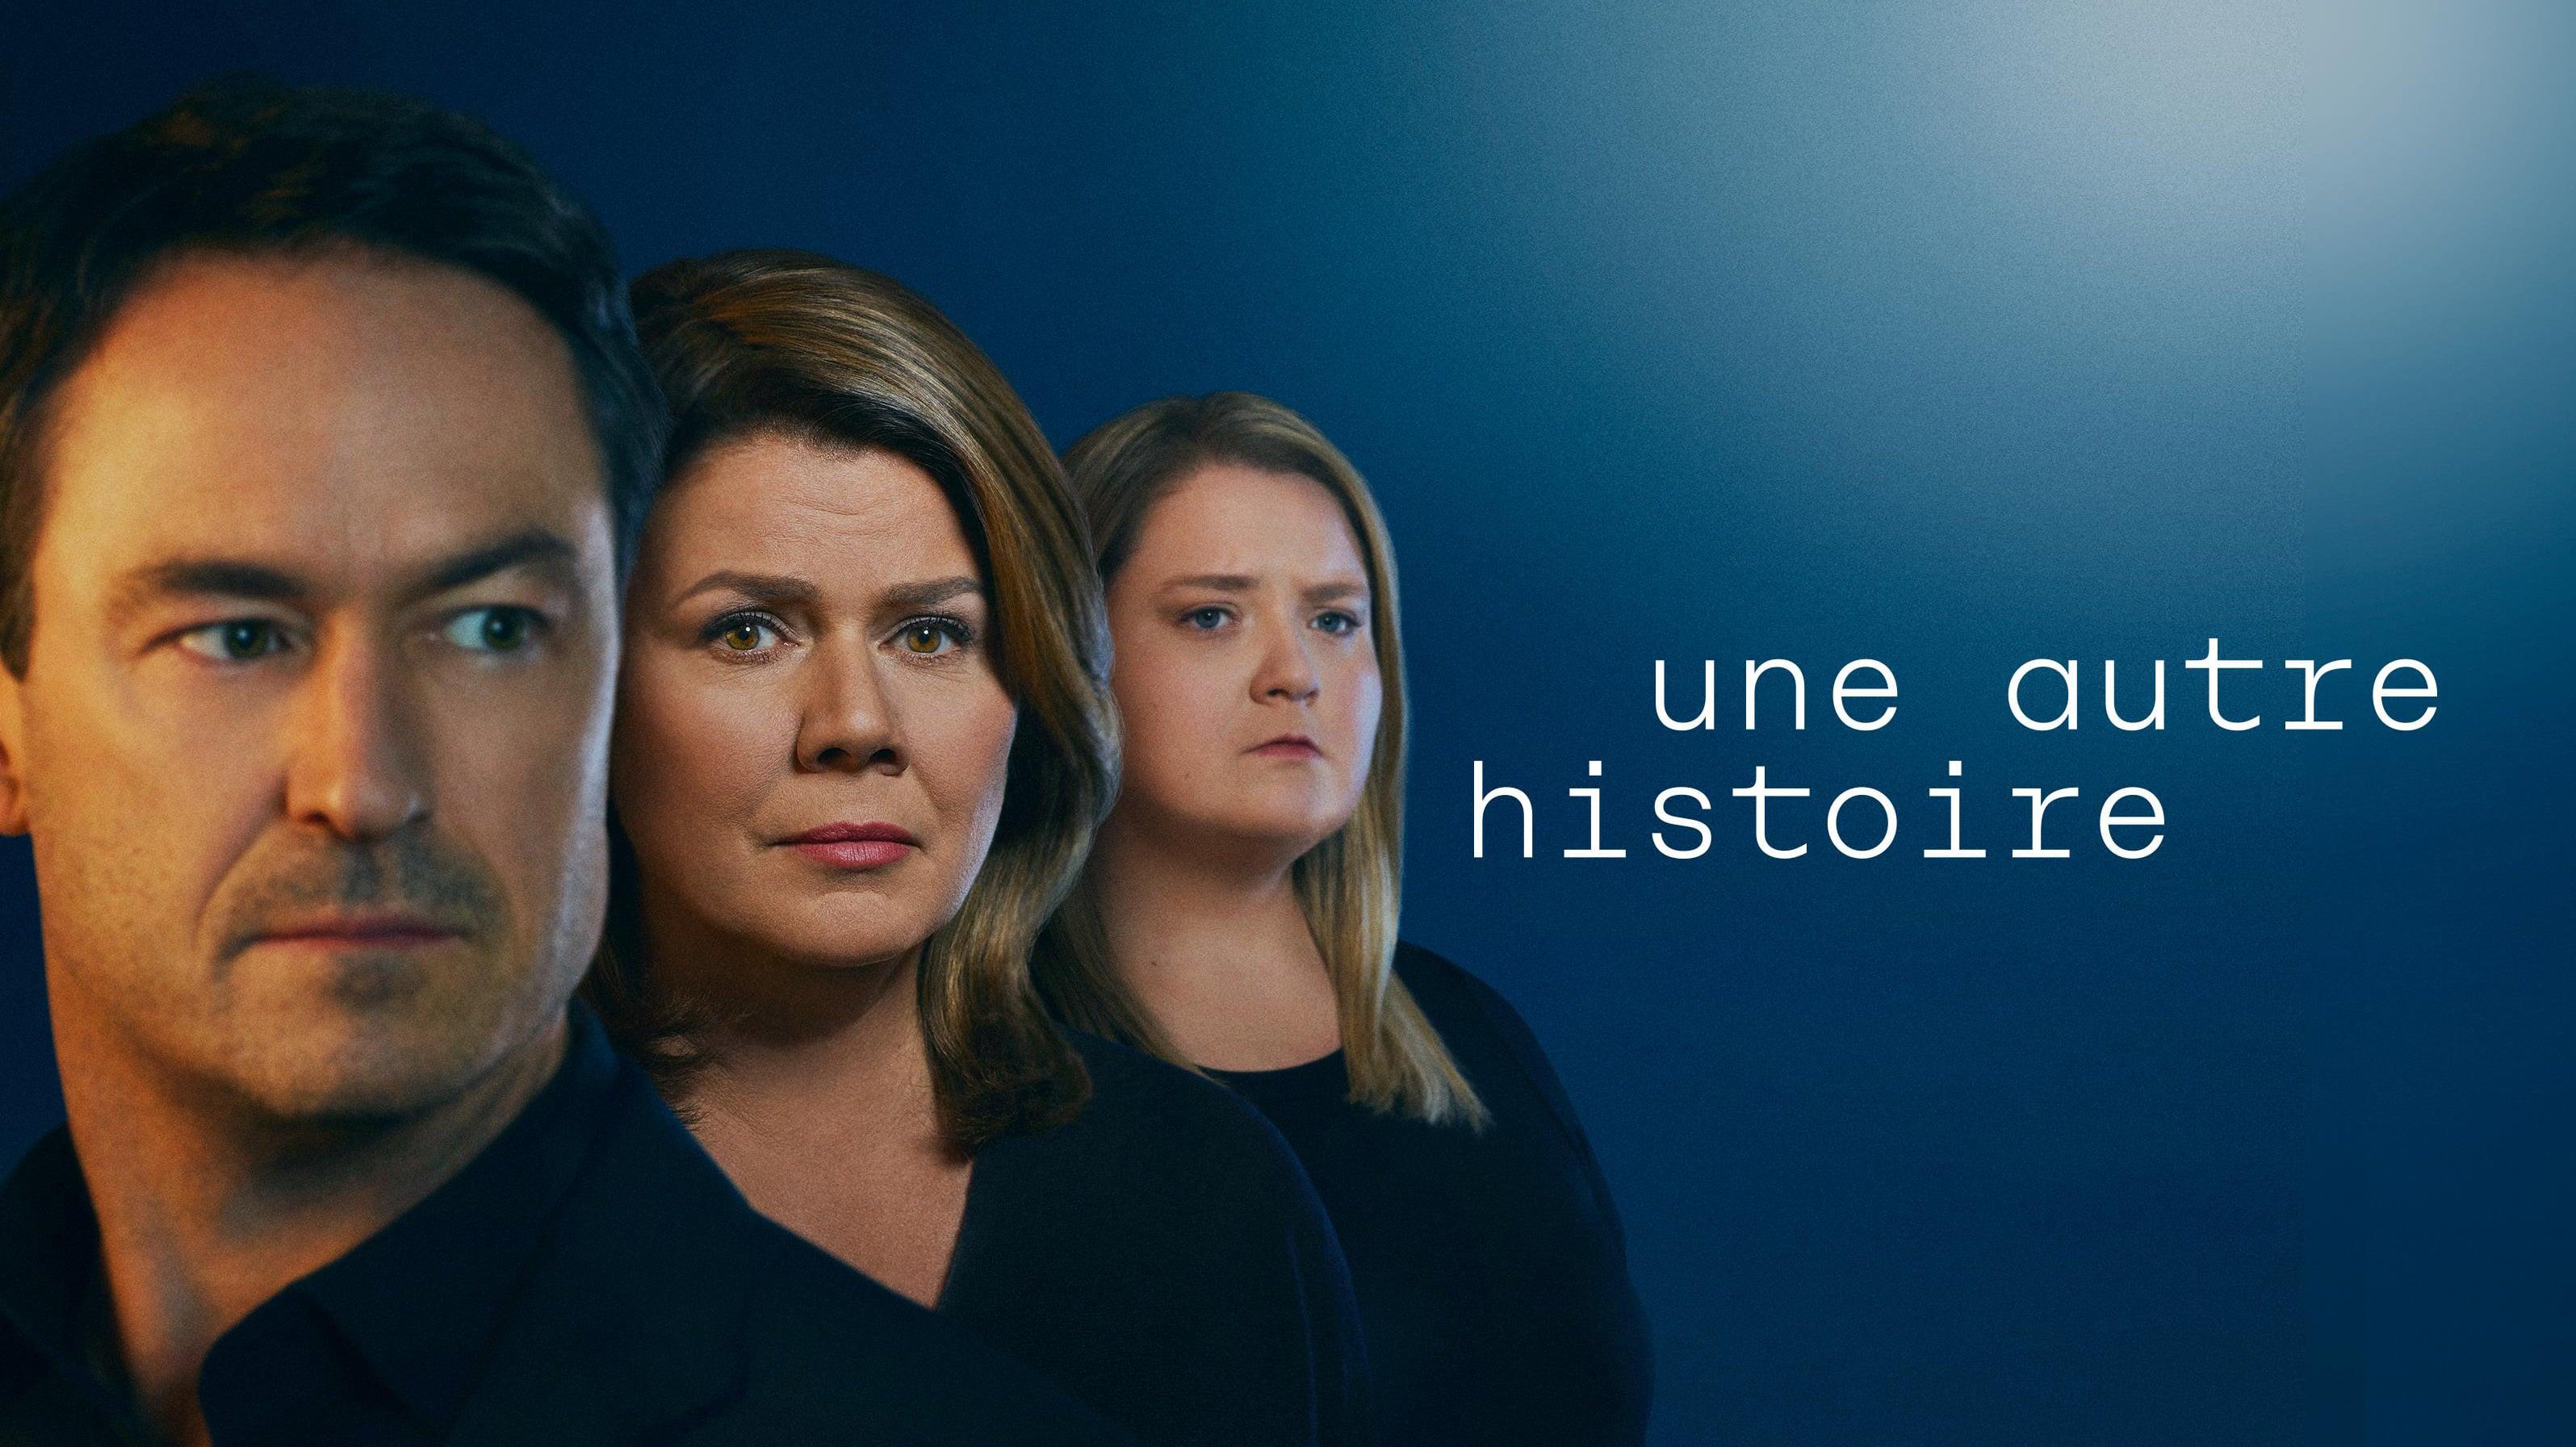 Marina Orsini, Sébastien Ricard, and Debbie Lynch-White in Une autre histoire (2019)